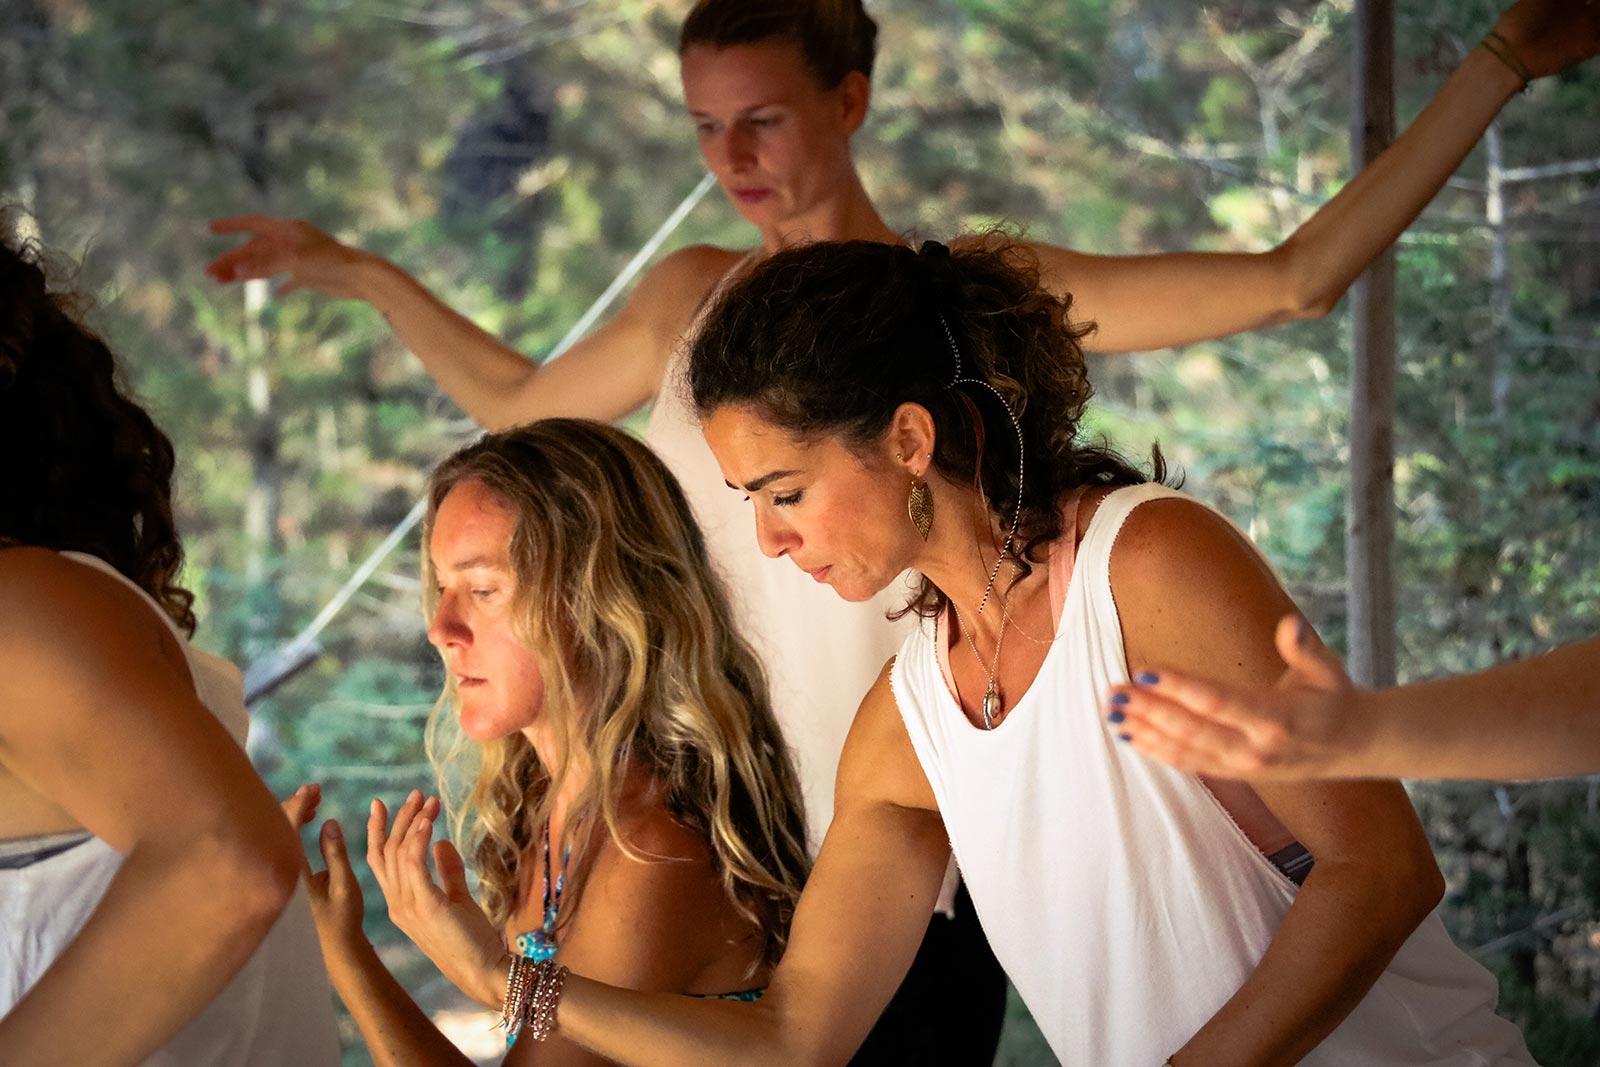 Saskia_Schreiber_Soul_Motion_Sunday_Dance_IMG_9330-2-2.jpg